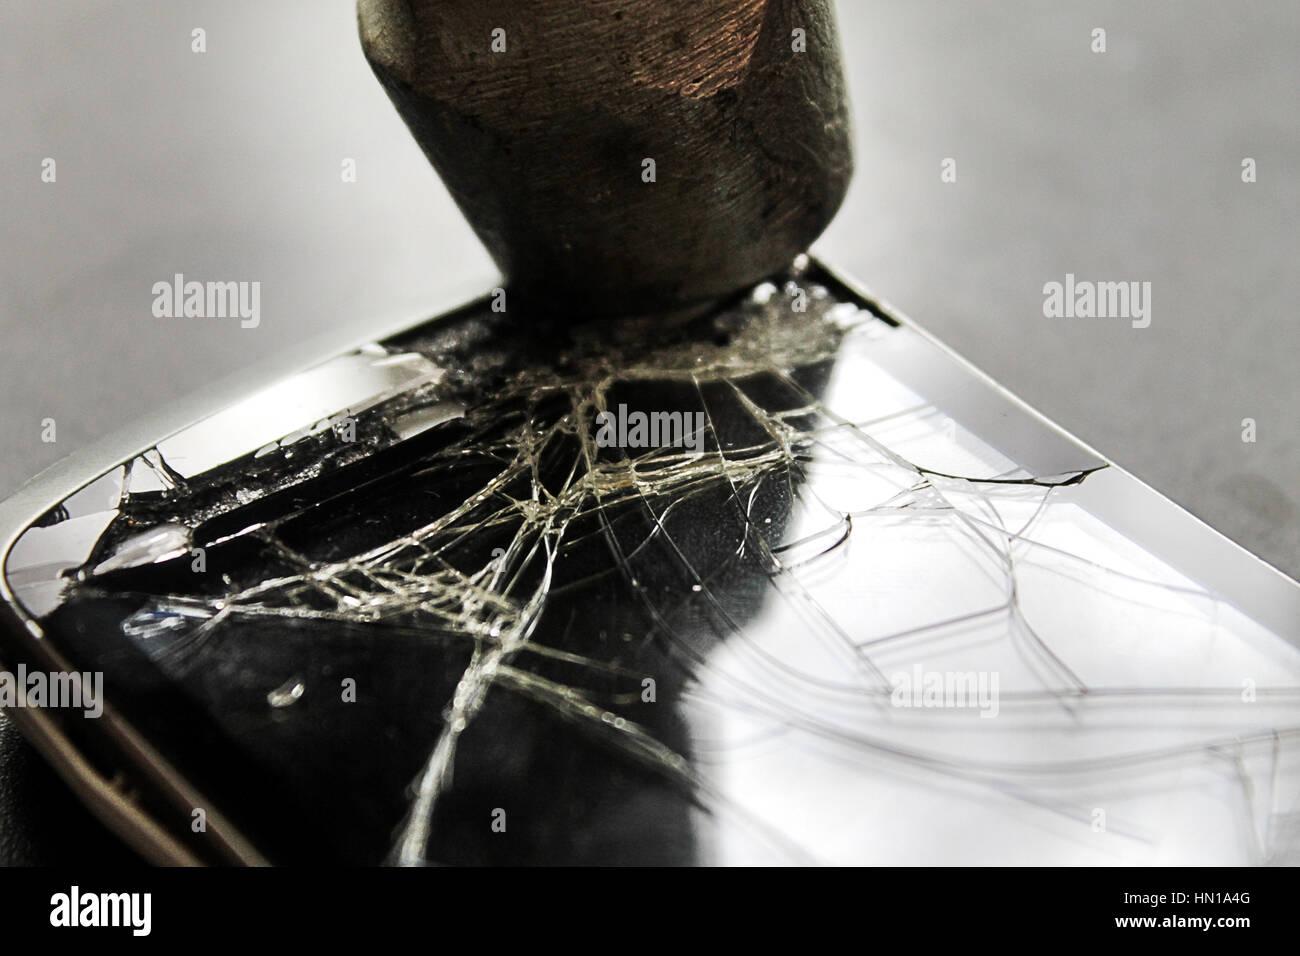 Rotto lo schermo del telefono e un martello su sfondo,un colpo di martello per il telefono cellulare, in una rabbia, Immagini Stock